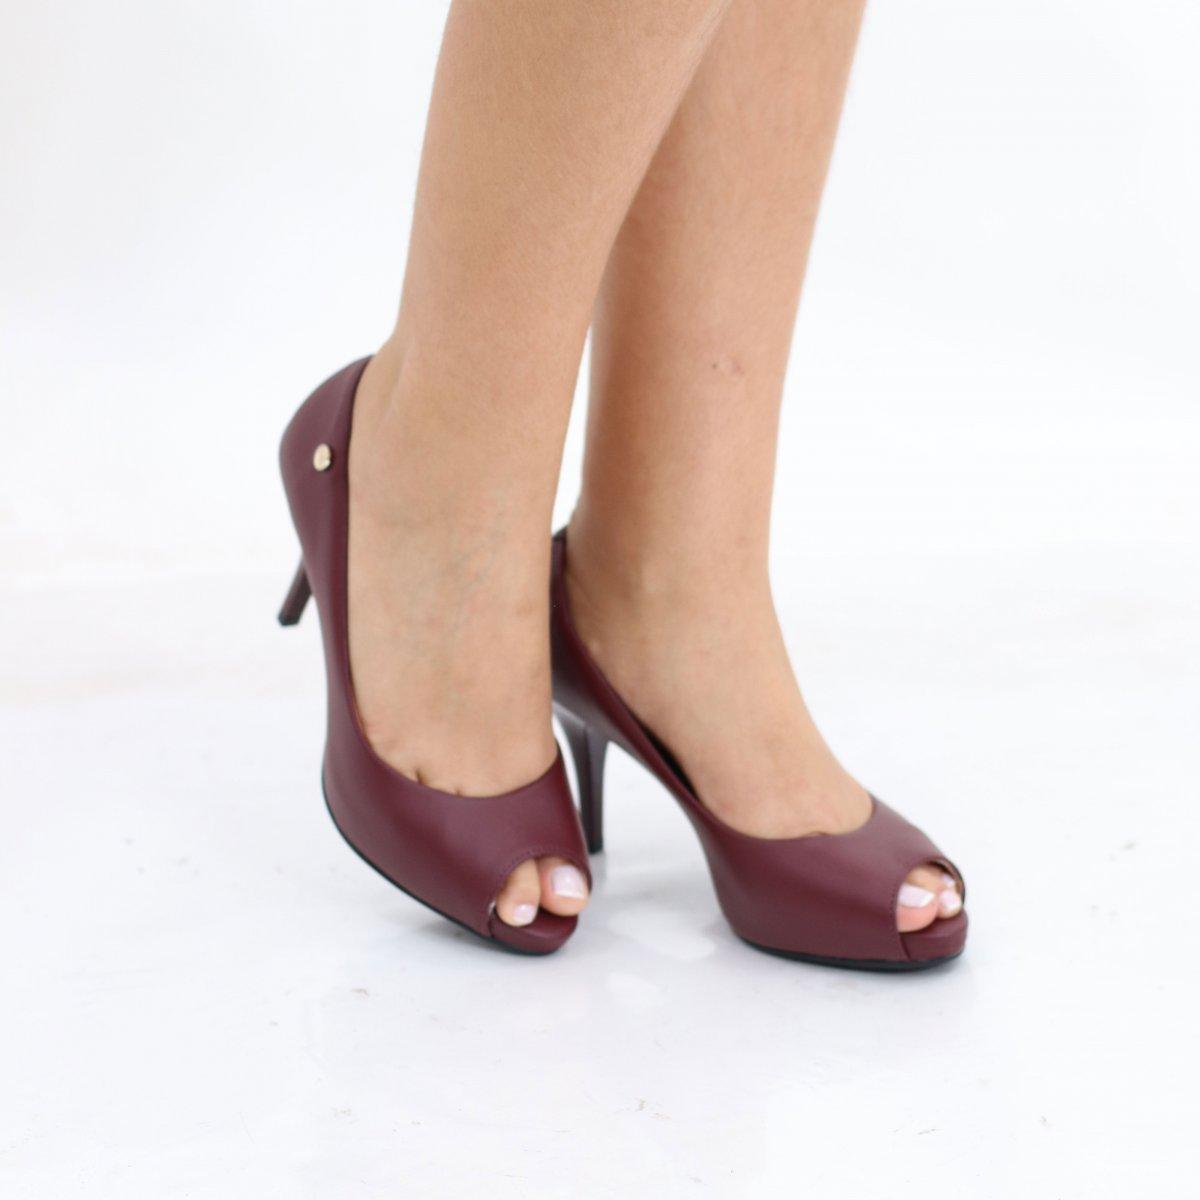 37bc8c7328 Sapato Peep Toe Salto Alto Vizzano Pelica Vinho - MM Concept